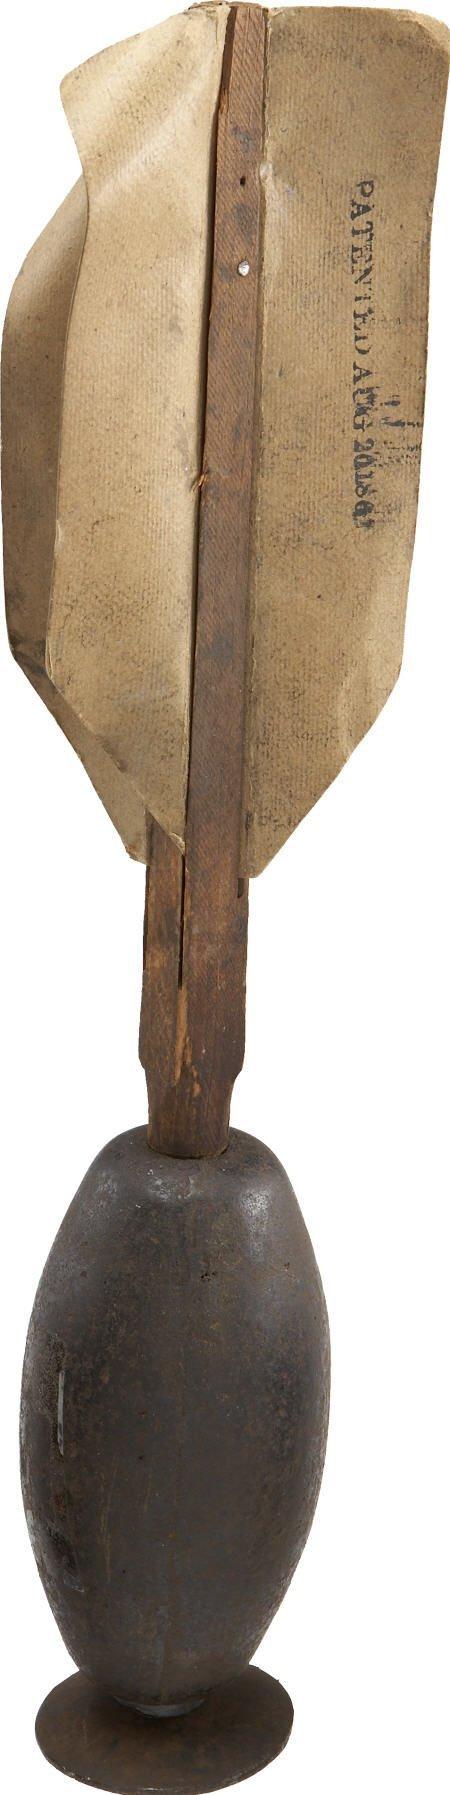 57005: Complete Three Pound Civil War Ketchum Grenade